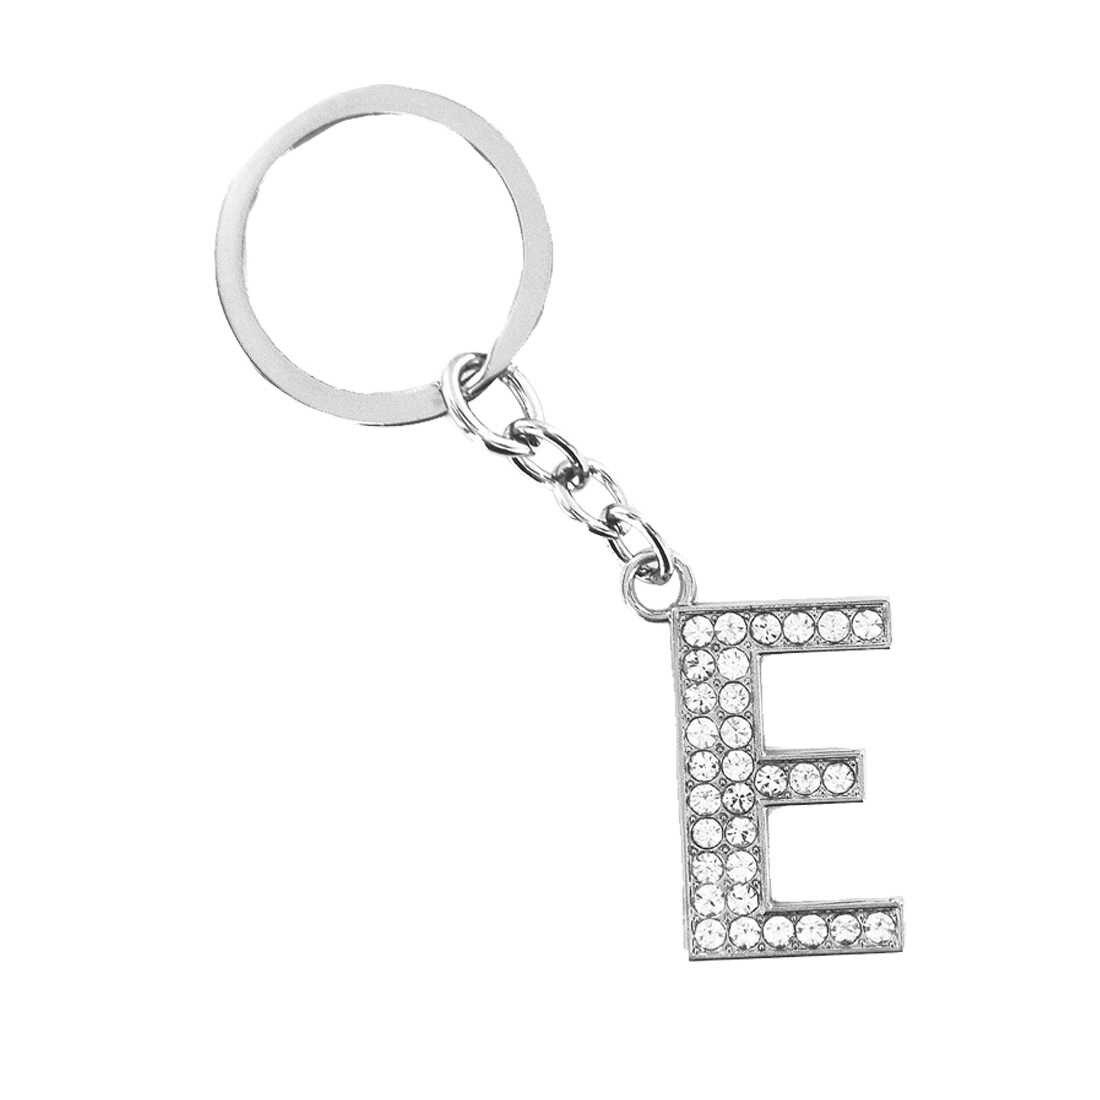 2019 Новый женский Английский алфавит брелок простая индивидуальность креативный 17 брелок с буквой автомобильный рюкзак сплав брелок Горячая